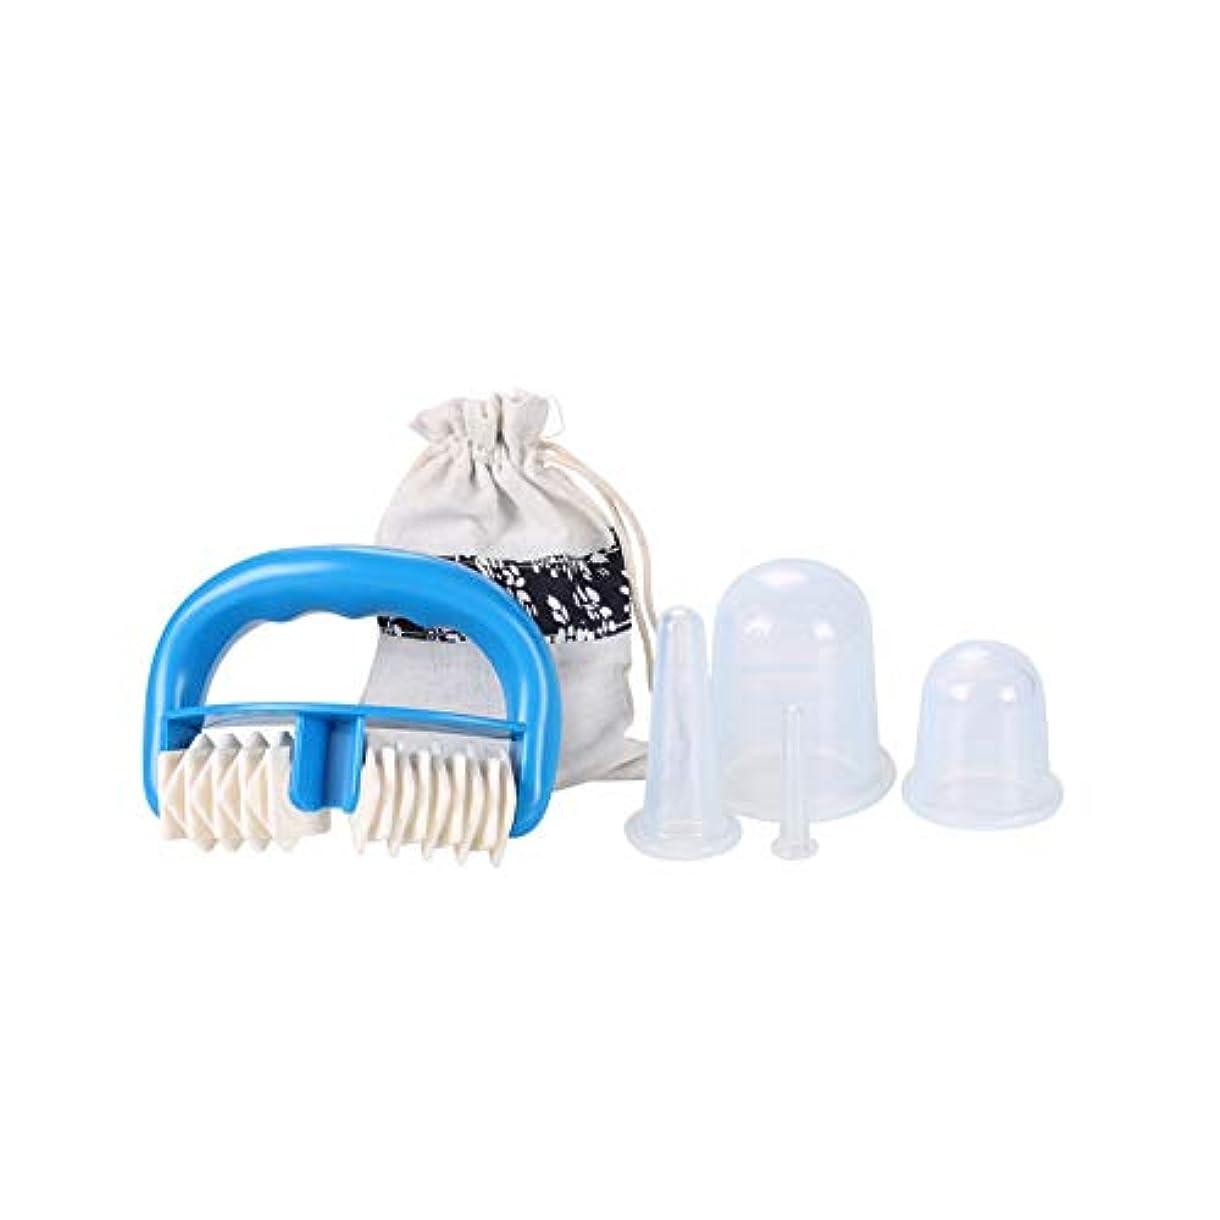 最大限ピクニック貨物真空マッサージローラーマッサージカップパッケージキット透明な筋弛緩の6セットをシリカゲルフェイシャルマッサージ装置をカッピング